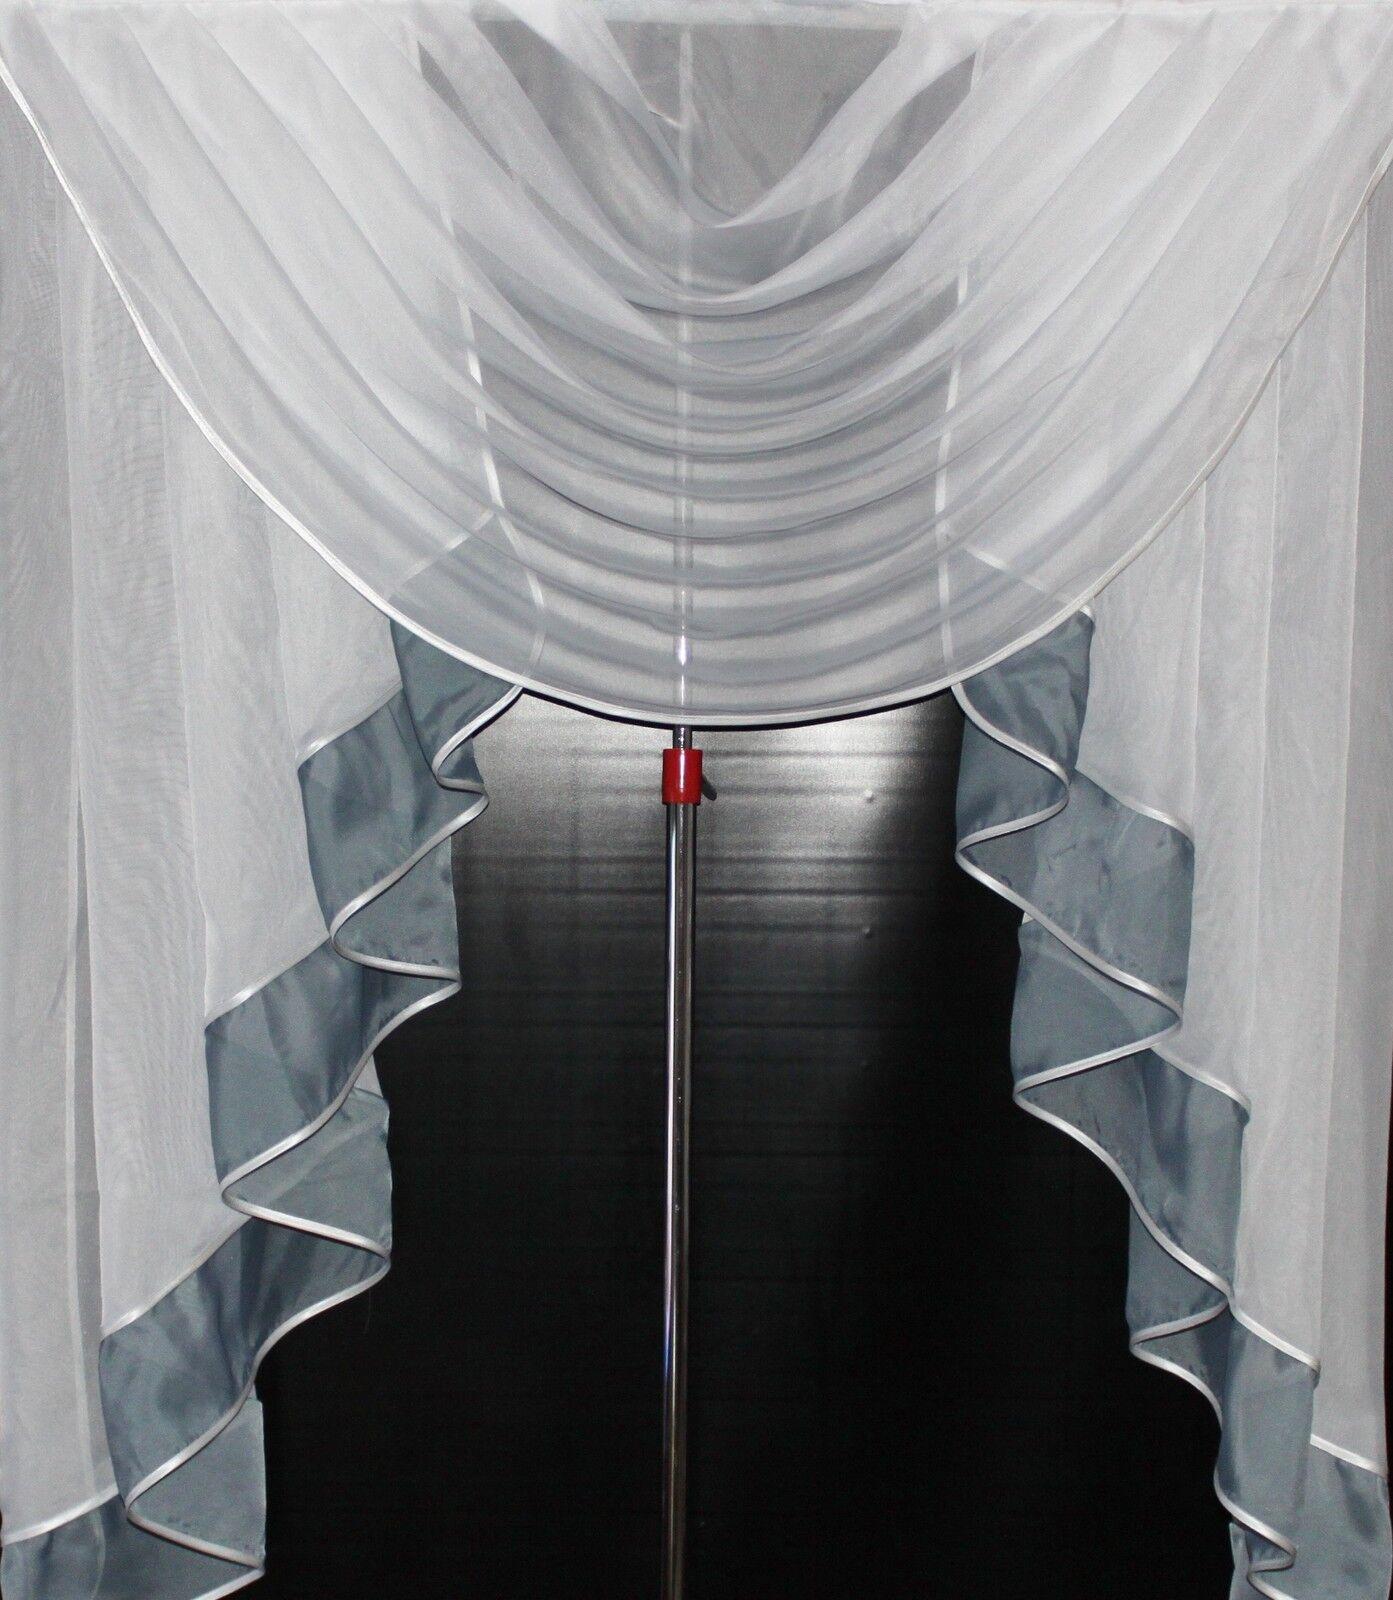 Deko - Gardine, Store, Vorhang in der Farbe grau   Weiß